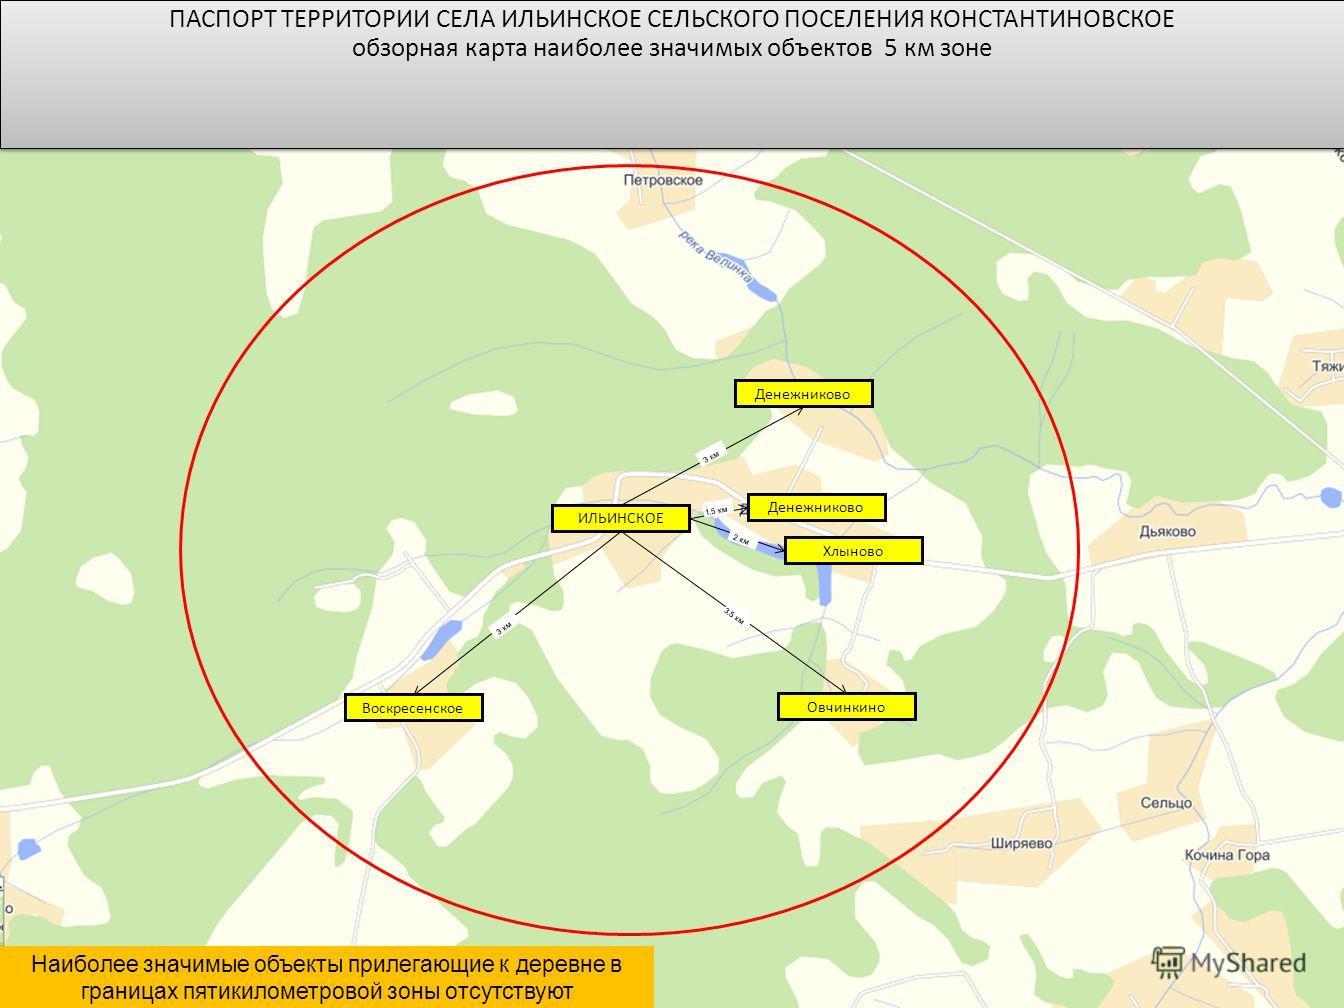 ПАСПОРТ ТЕРРИТОРИИ СЕЛА ИЛЬИНСКОЕ СЕЛЬСКОГО ПОСЕЛЕНИЯ КОНСТАНТИНОВСКОЕ обзорная карта наиболее значимых объектов 5 км зоне ПАСПОРТ ТЕРРИТОРИИ СЕЛА ИЛЬИНСКОЕ СЕЛЬСКОГО ПОСЕЛЕНИЯ КОНСТАНТИНОВСКОЕ обзорная карта наиболее значимых объектов 5 км зоне Хлын